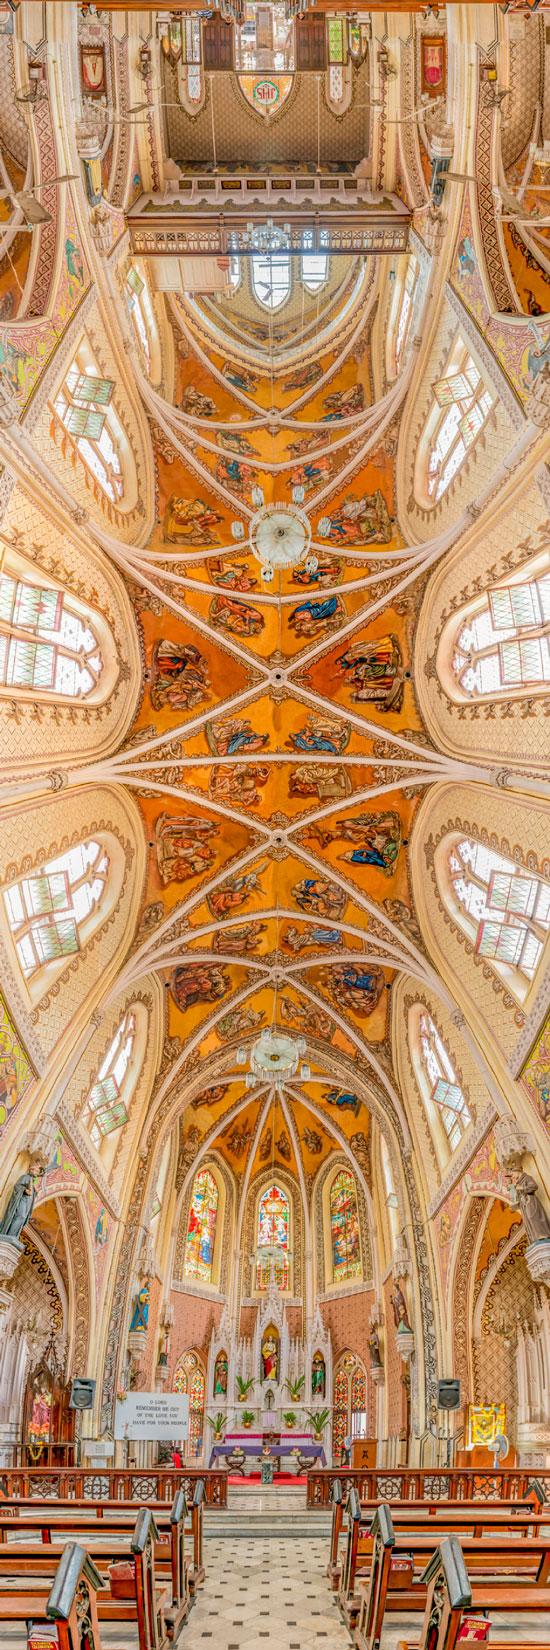 عکس های پانوراما از کلیساهای مشهور جهان